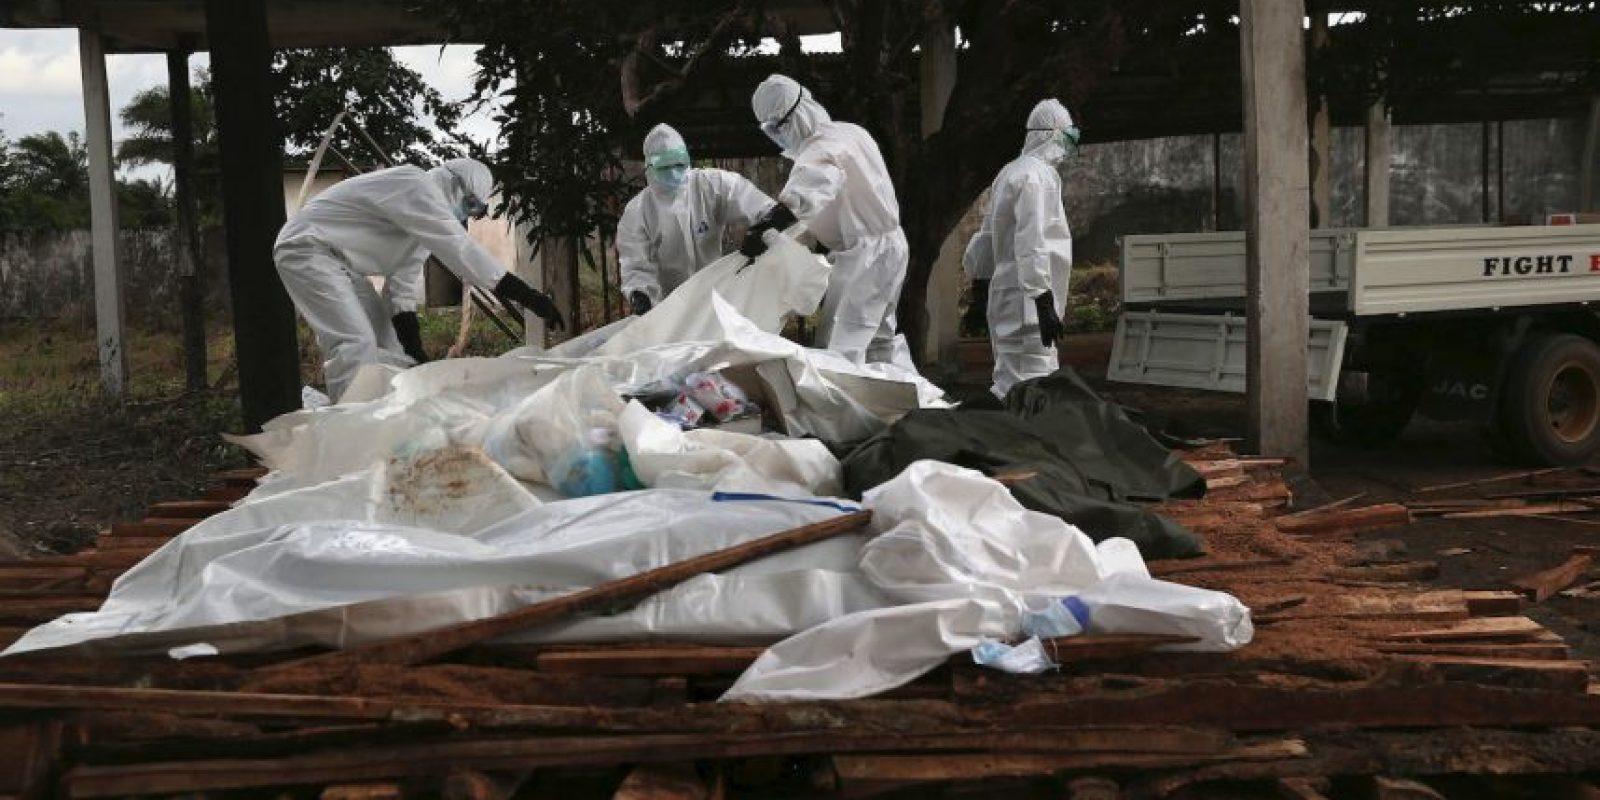 La Organización Mundial de la Salud (OMS) detalla que entre los síntomas se encuentran vómitos, diarrea, erupciones cutáneas, disfunción renal y hepática. Foto:Getty Images